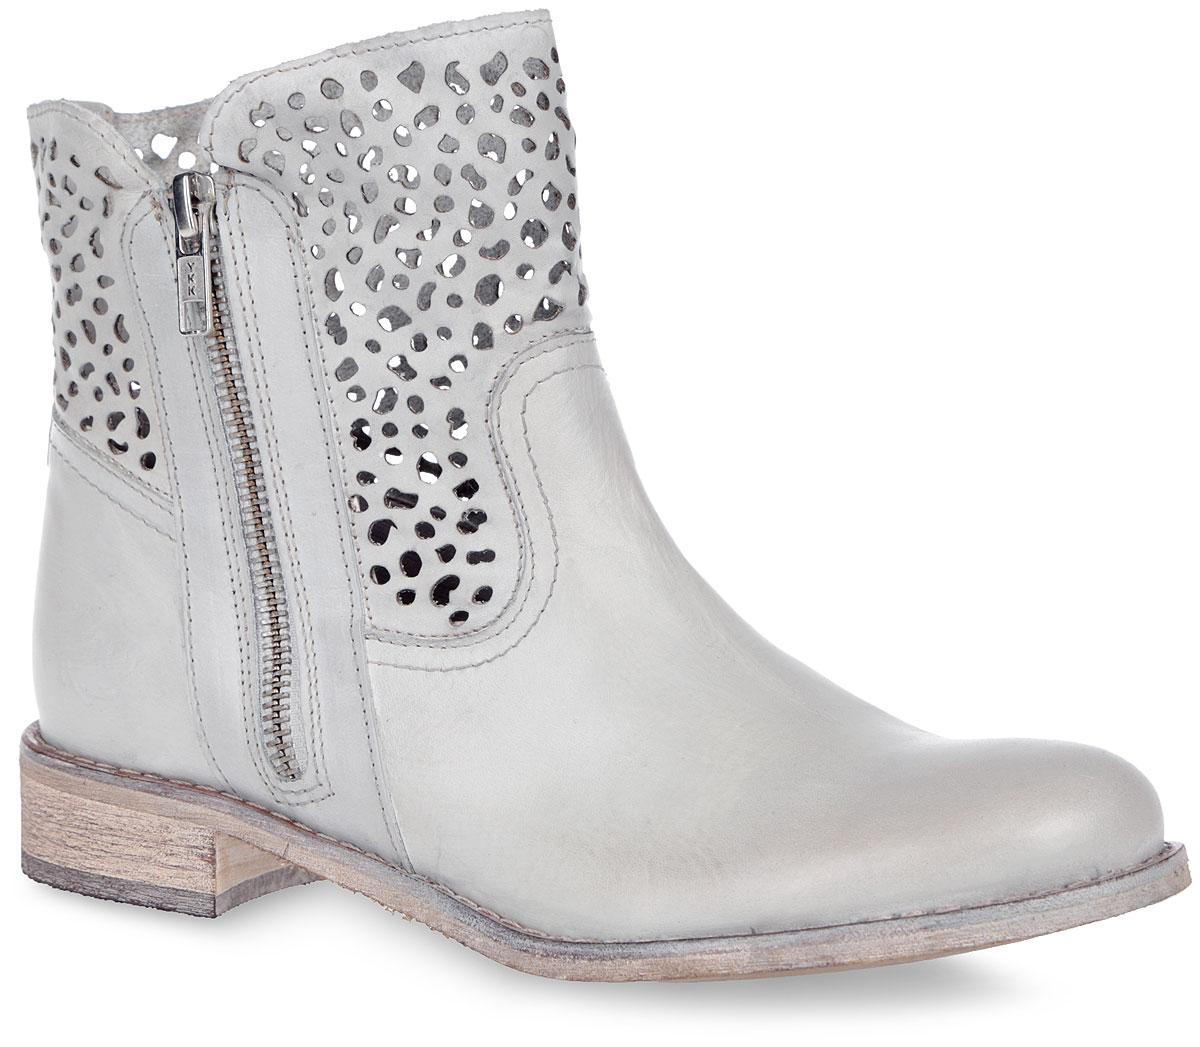 2-2-25336-26-104Великолепные женские ботинки от Marco Tozzi заинтересуют вас своим дизайном. Модель выполнена из натуральной кожи и оформлена прострочкой вдоль ранта. Голенище оформлено декоративной перфорацией. Внутренняя поверхность выполнена из натуральной кожи и искусственного материала. Застегиваются ботинки на боковую застежку-молнию. Стелька из искусственного материала комфортна при ходьбе. Подошва и каблук с рифлением обеспечивают отличное сцепление на любой поверхности. В таких ботинках вашим ногам будет комфортно и уютно. Они подчеркнут ваш стиль и индивидуальность.